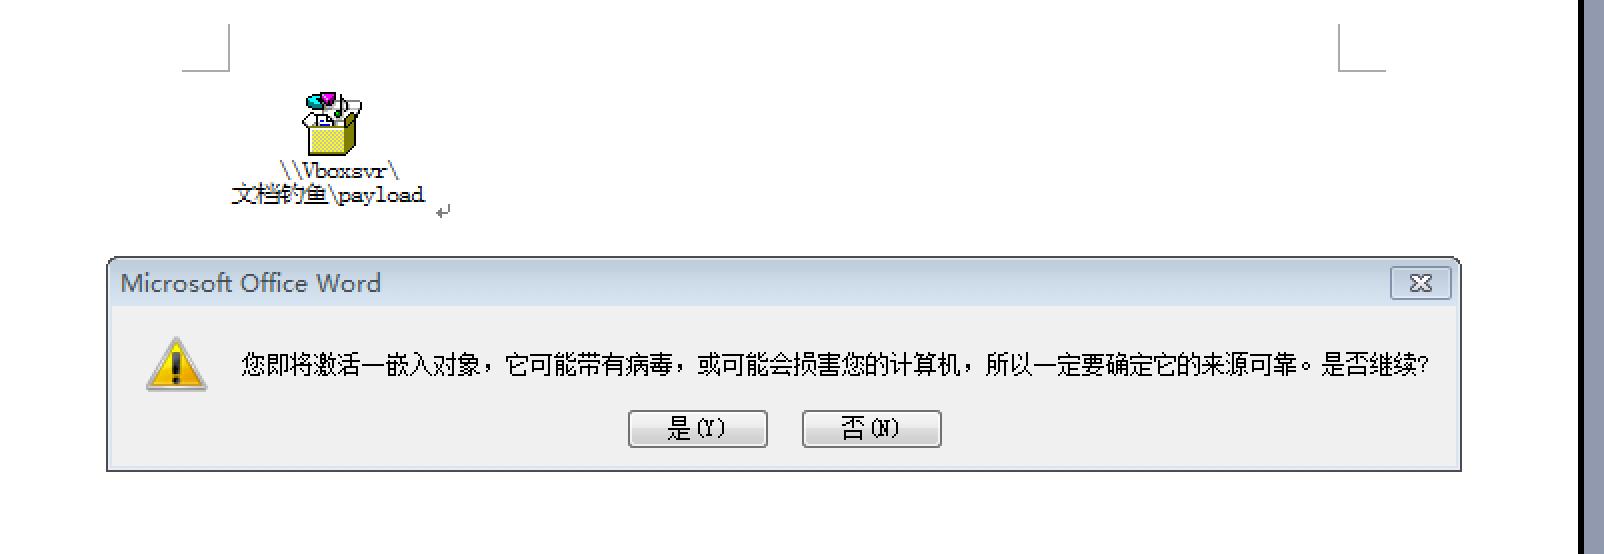 https://momo-mmsrc.oss-cn-hangzhou.aliyuncs.com/img-8064498f-20b2-3946-afa7-81a24bd6fba3.png